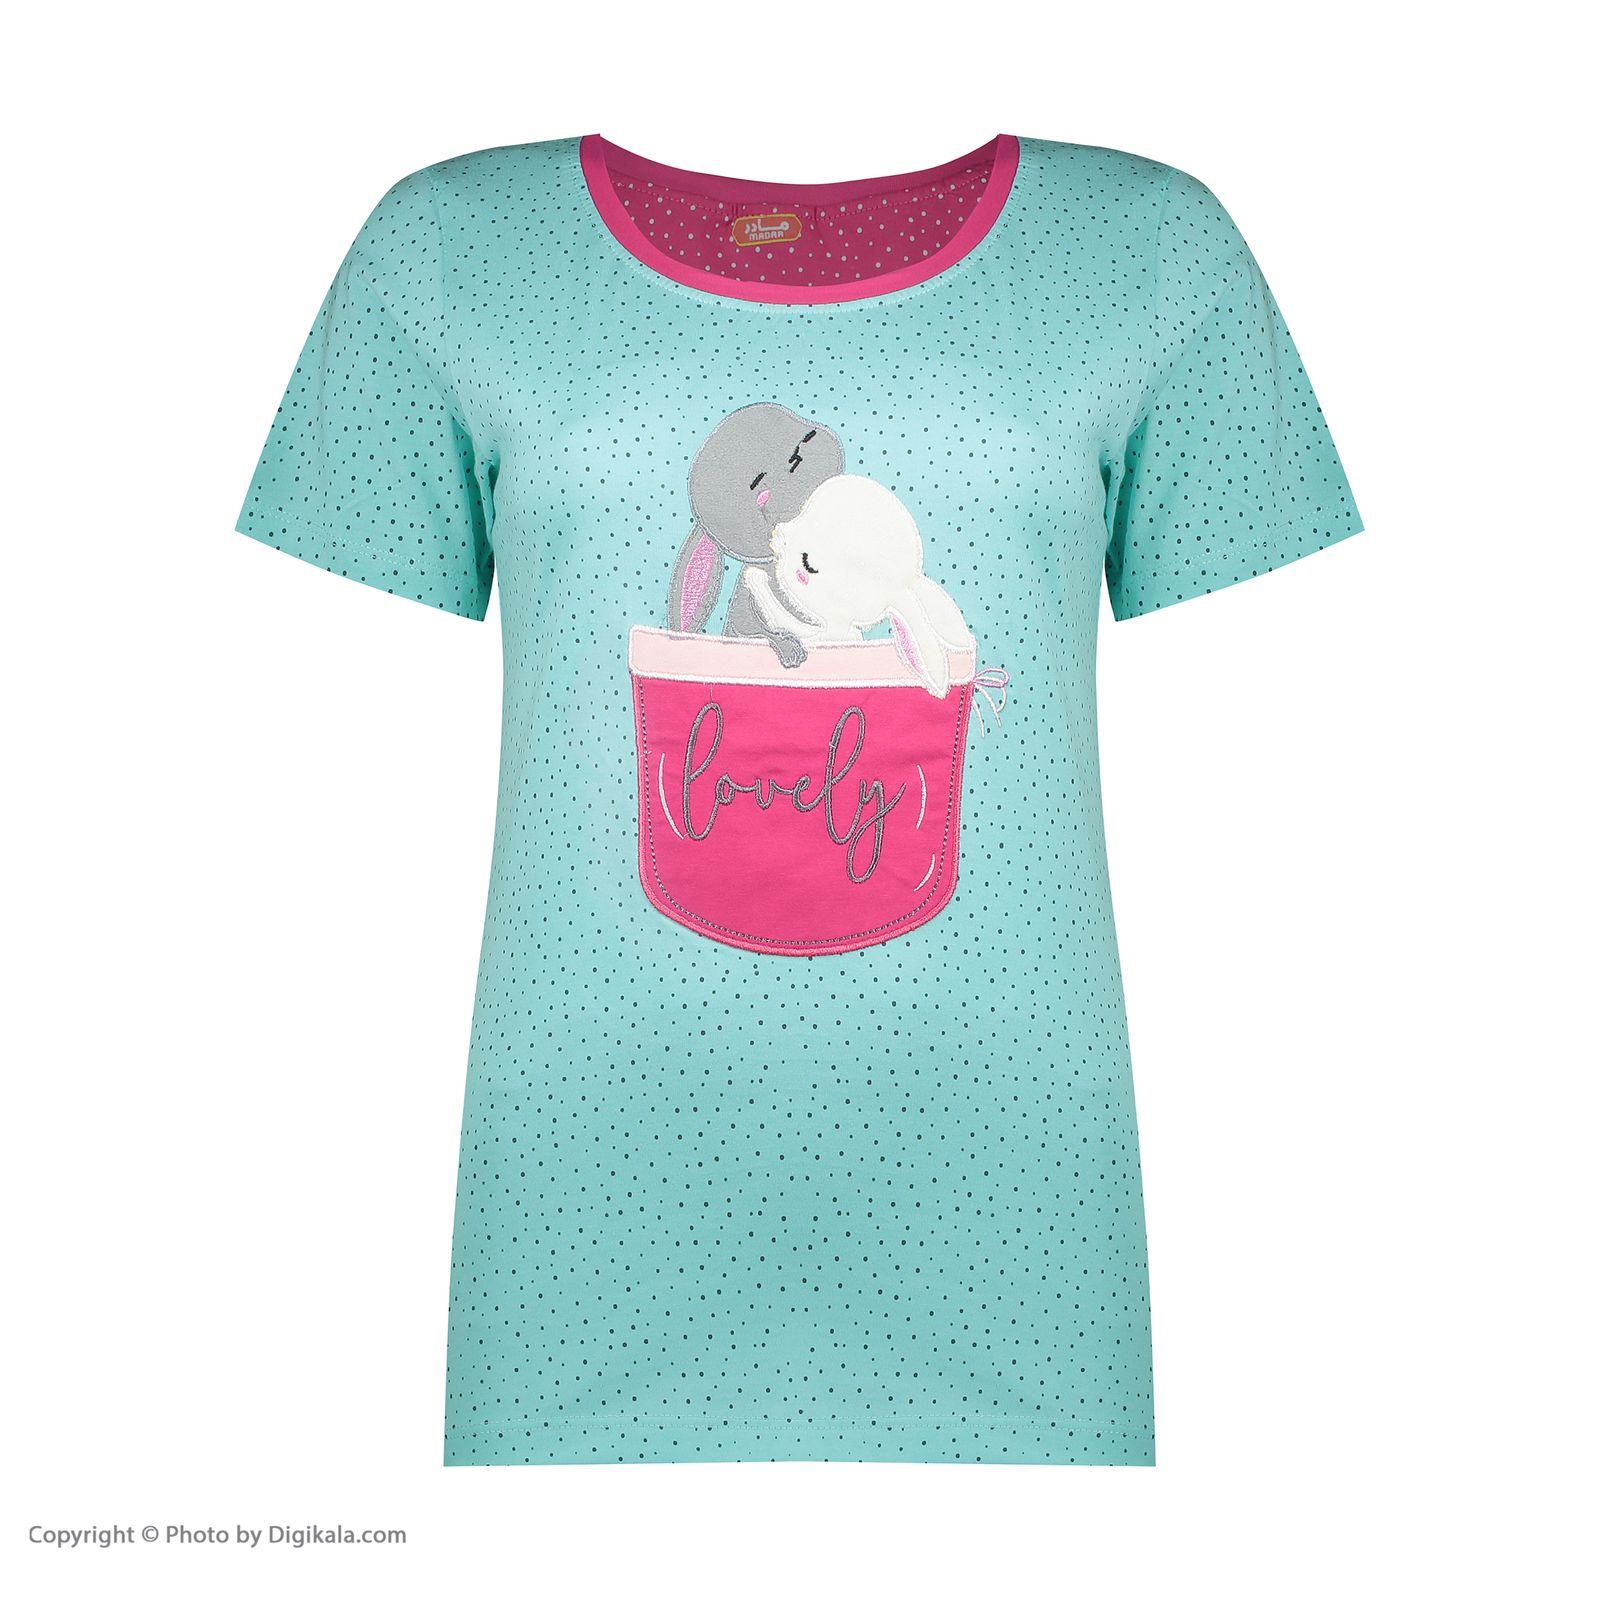 ست تی شرت و شلوارک راحتی زنانه مادر مدل 2041102-54 -  - 4